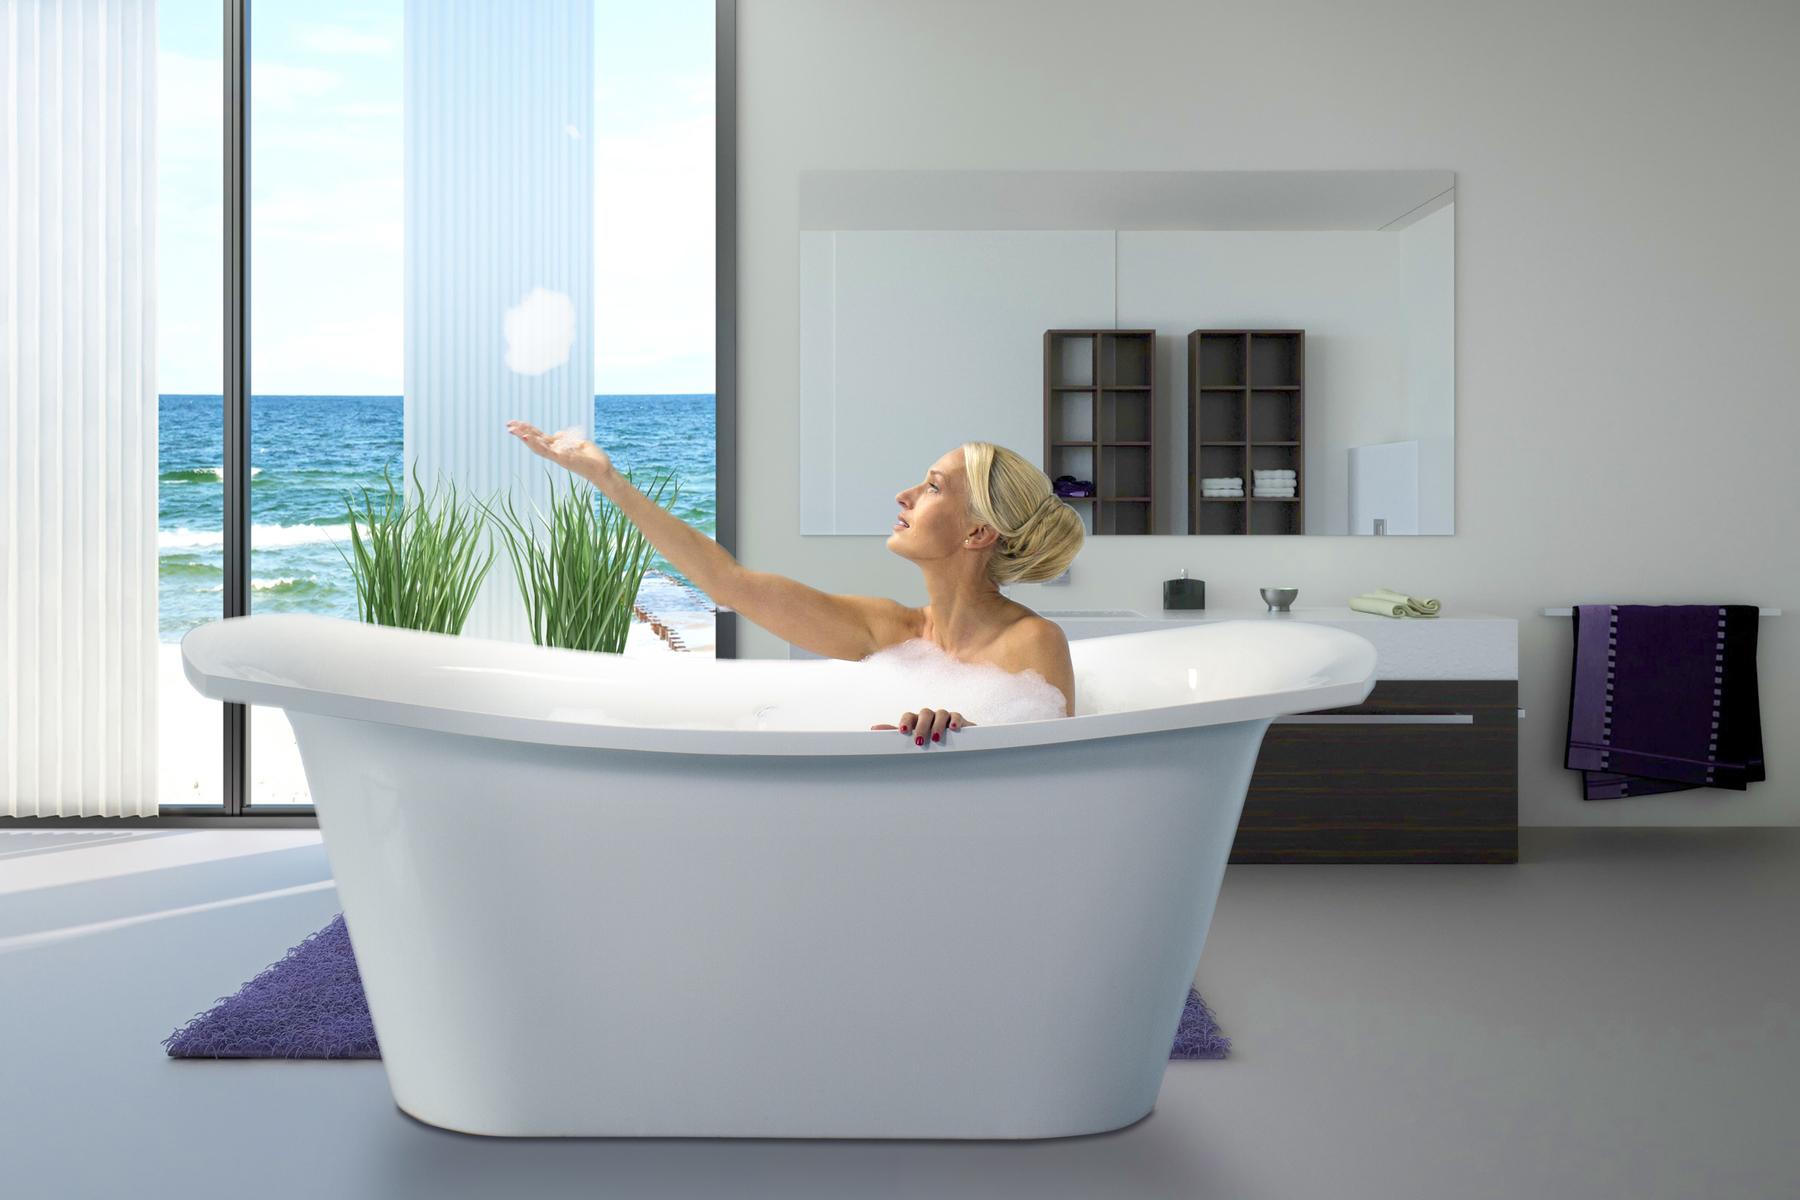 Vasche Da Bagno Jacuzzi Confronta Prezzi : Loveme wht la vasca da bagno freestanding aquatica in pietra